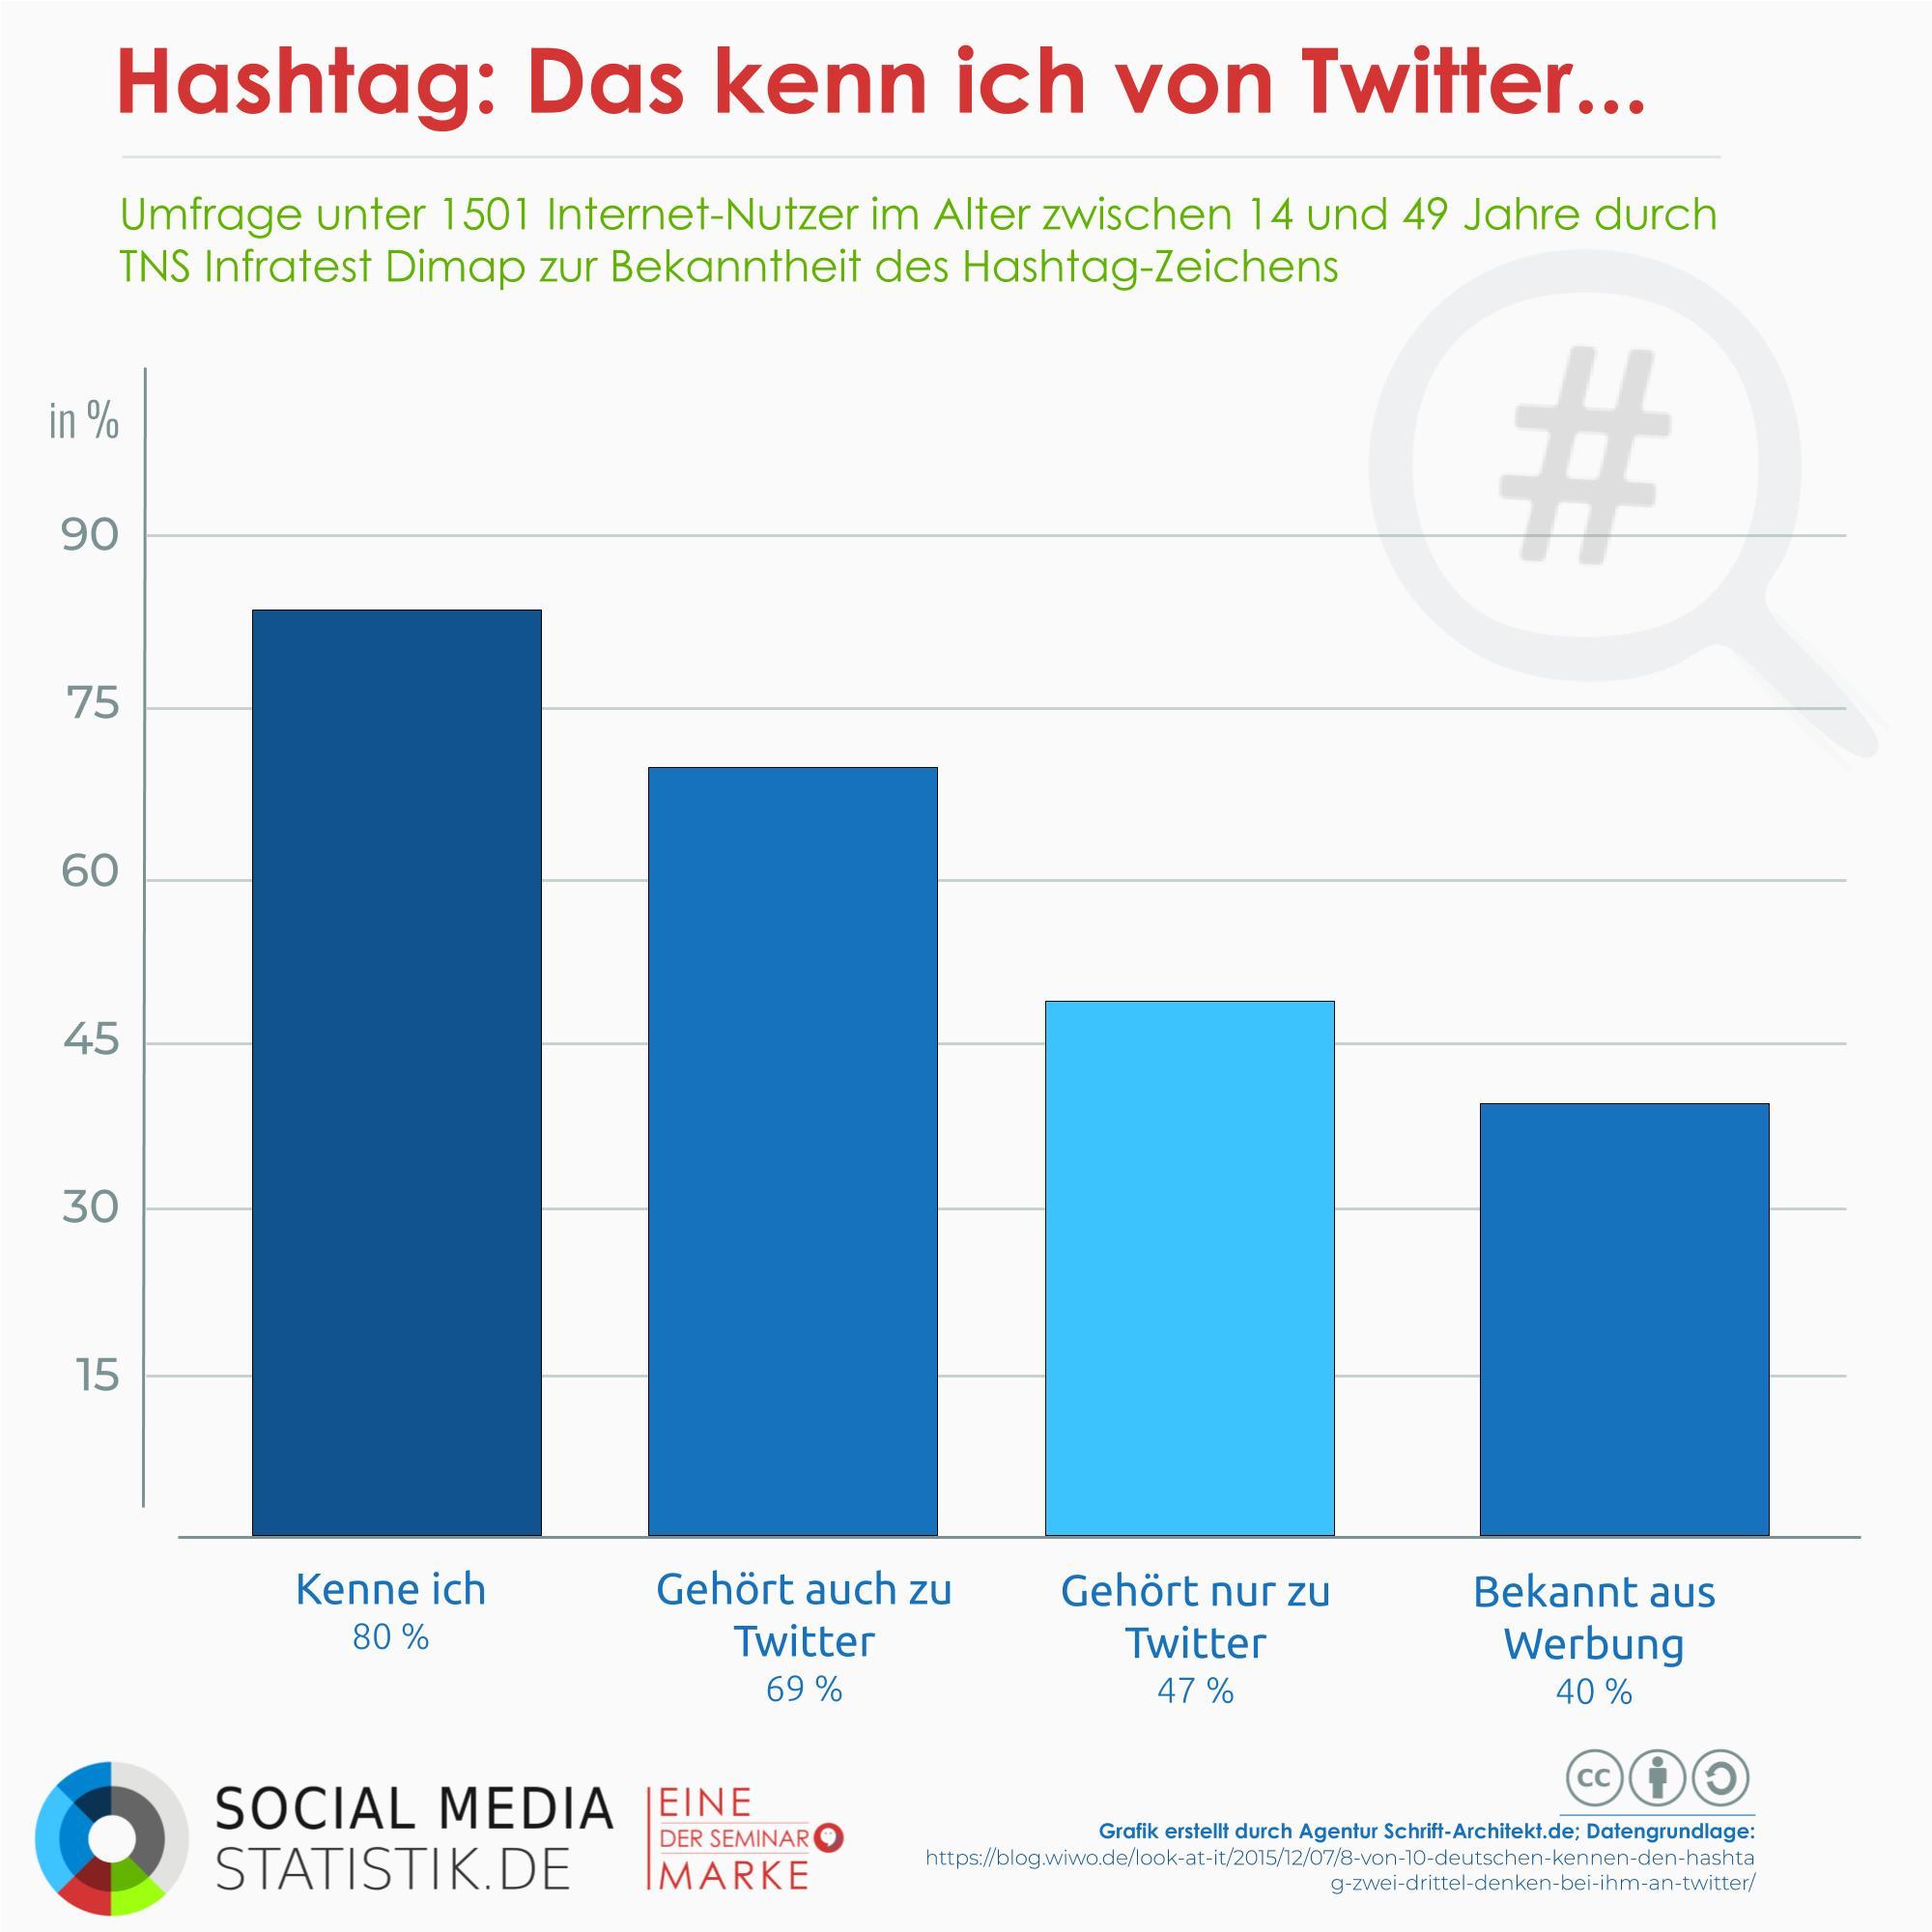 80 Prozent der Deutschen kennen #Hashtags | Infografik + Podcast